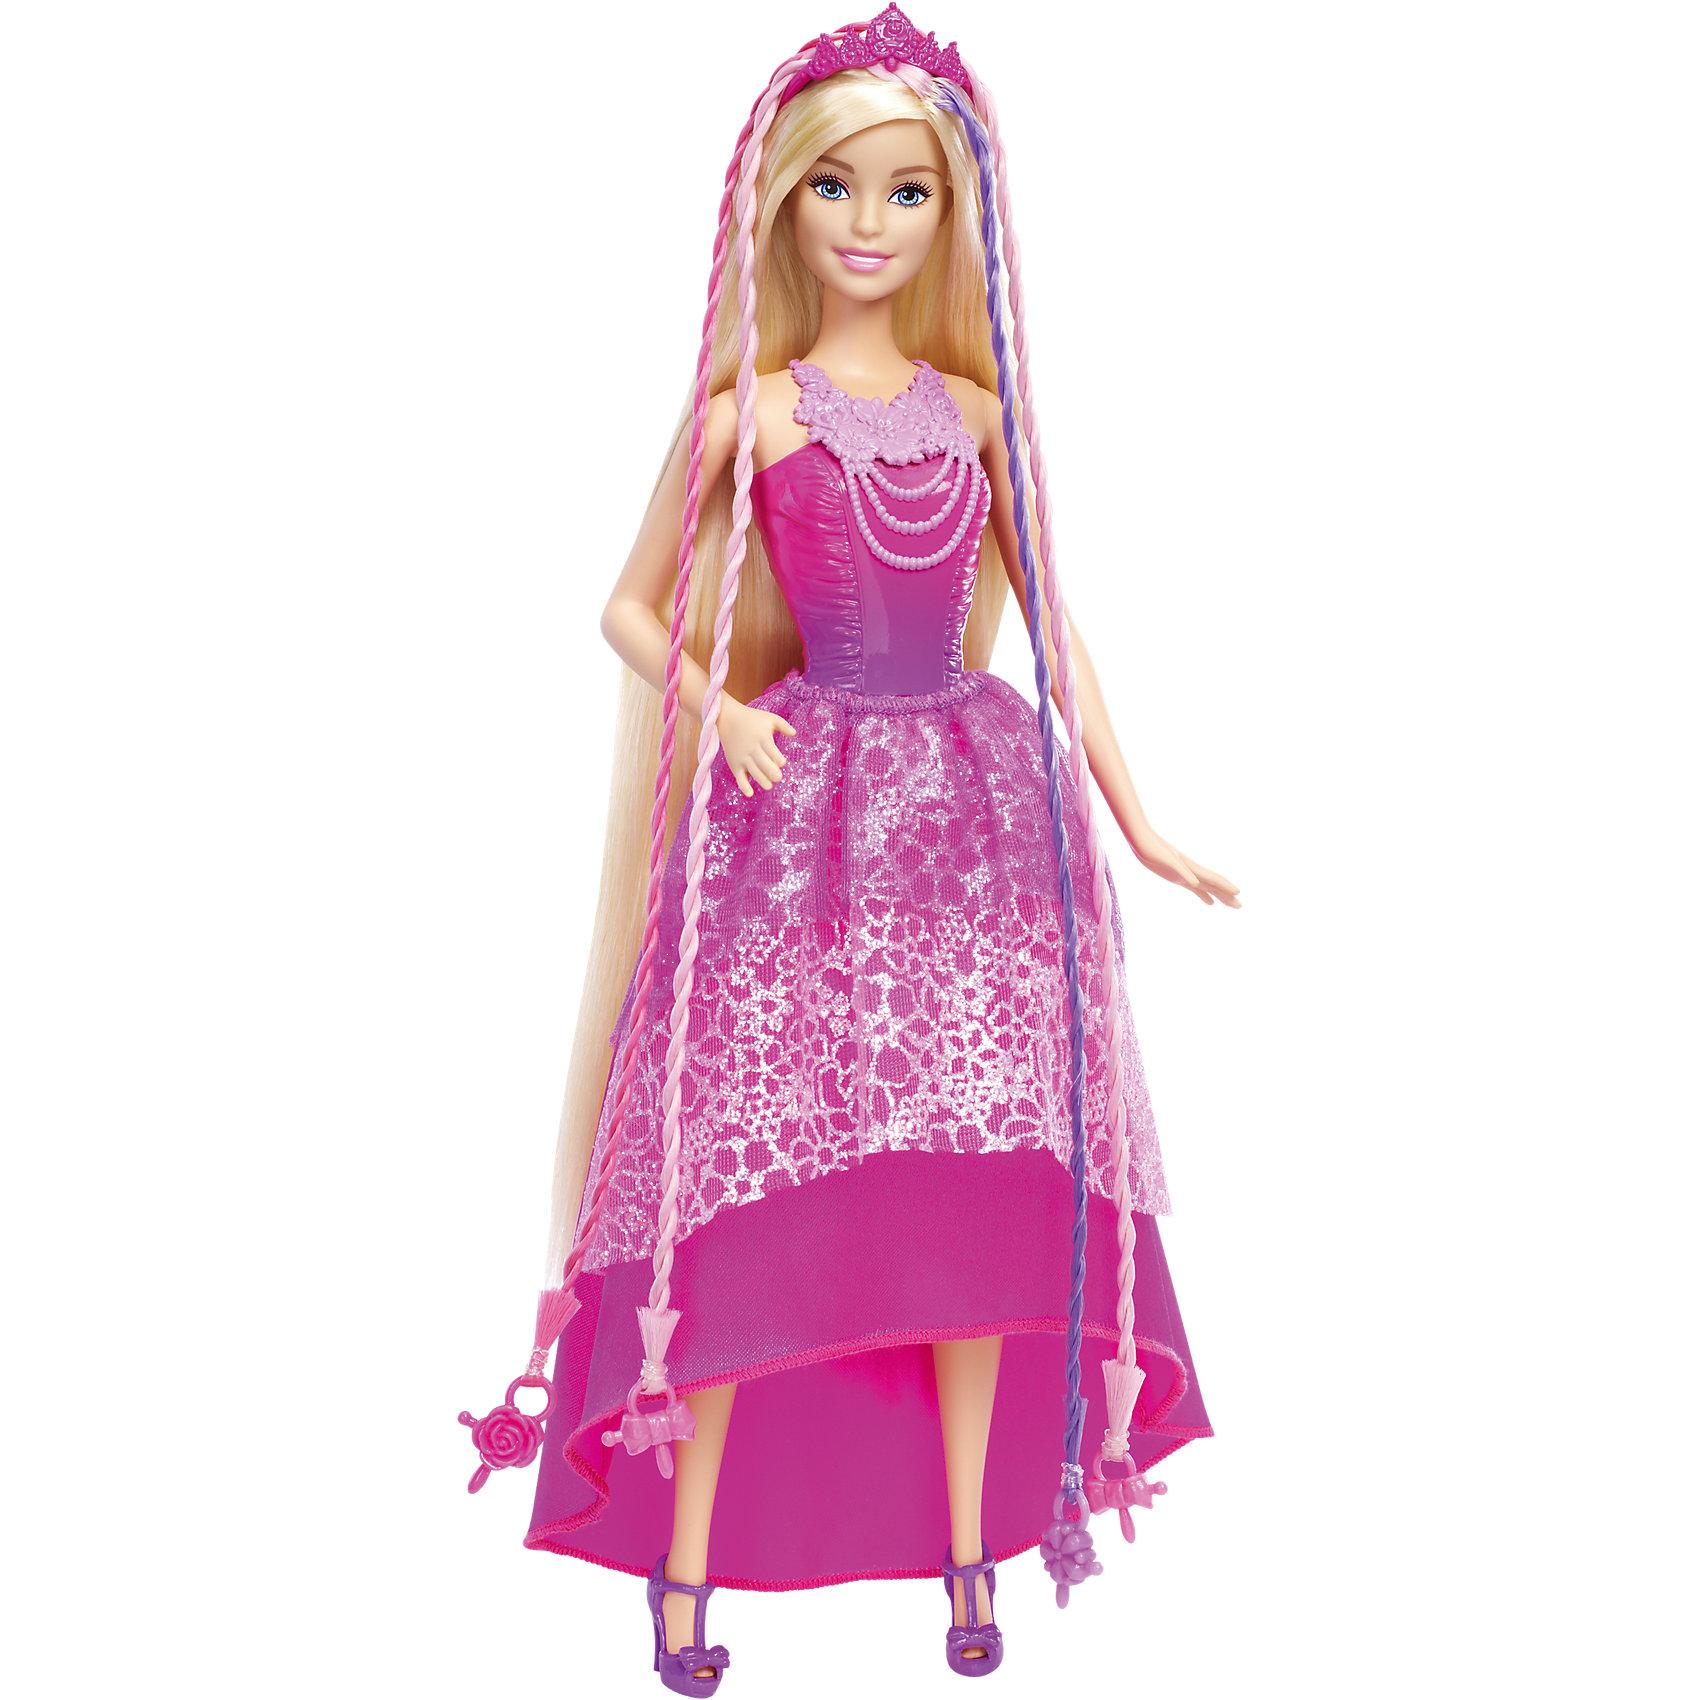 Кукла-принцесса с волшебными волосами, BarbieBarbie<br>Кукла-принцесса с волшебными волосами, Barbie, порадует всех юных любительниц Барби и станет достойным пополнением их коллекции. На этот раз красавица Барби представлена в образе очаровательной принцессы в роскошном наряде. У куколки чудесное розовое платье, украшенное блестками, с двухслойной юбкой и обтягивающим лифом. Роскошный наряд красиво дополняют сиреневые туфельки на каблуках и изысканное розовое ожерелье. Туловище куклы на шарнирах, ноги и руки сгибаются и разгибаются, благодаря чему она может принимать различные положения. Но главная особенность новой Барби-принцессы - ее роскошные светлые волосы длиной 20 см., которые так интересно укладывать в различные прически, расчесывать и украшать. В комплекте Вы найдете полный арсенал парикмахерских инструментов, чтобы почувствовать себя в роли модного стилиста - специальный инструмент для плетения, щетка для волос, диадема и три заколки. Розовые и сиреневые пряди волос Барби украшены на концах яркими бусинами. Вставьте две или три бусины в устройство для плетения, нажмите кнопку - и прядки будут мгновенно заплетены! А красивые заколки, украшенные фирменной символикой подойдут не только кукле, но и хозяйке.<br><br>Дополнительная информация:<br><br>- В комплекте: кукла, инструмент для плетения волос, щетка для волос, диадема, 3 заколки.<br>- Материал: пластик, текстиль.<br>- Высота куклы: 29 см.<br>- Размер упаковки: 8 x 33 х 26 см.<br>- Вес: 0,4 кг.<br><br>Куклу-принцессу с волшебными волосами, Barbie, Mattel, можно купить в нашем интернет-магазине.<br><br>Ширина мм: 326<br>Глубина мм: 254<br>Высота мм: 73<br>Вес г: 407<br>Возраст от месяцев: 36<br>Возраст до месяцев: 72<br>Пол: Женский<br>Возраст: Детский<br>SKU: 4349941